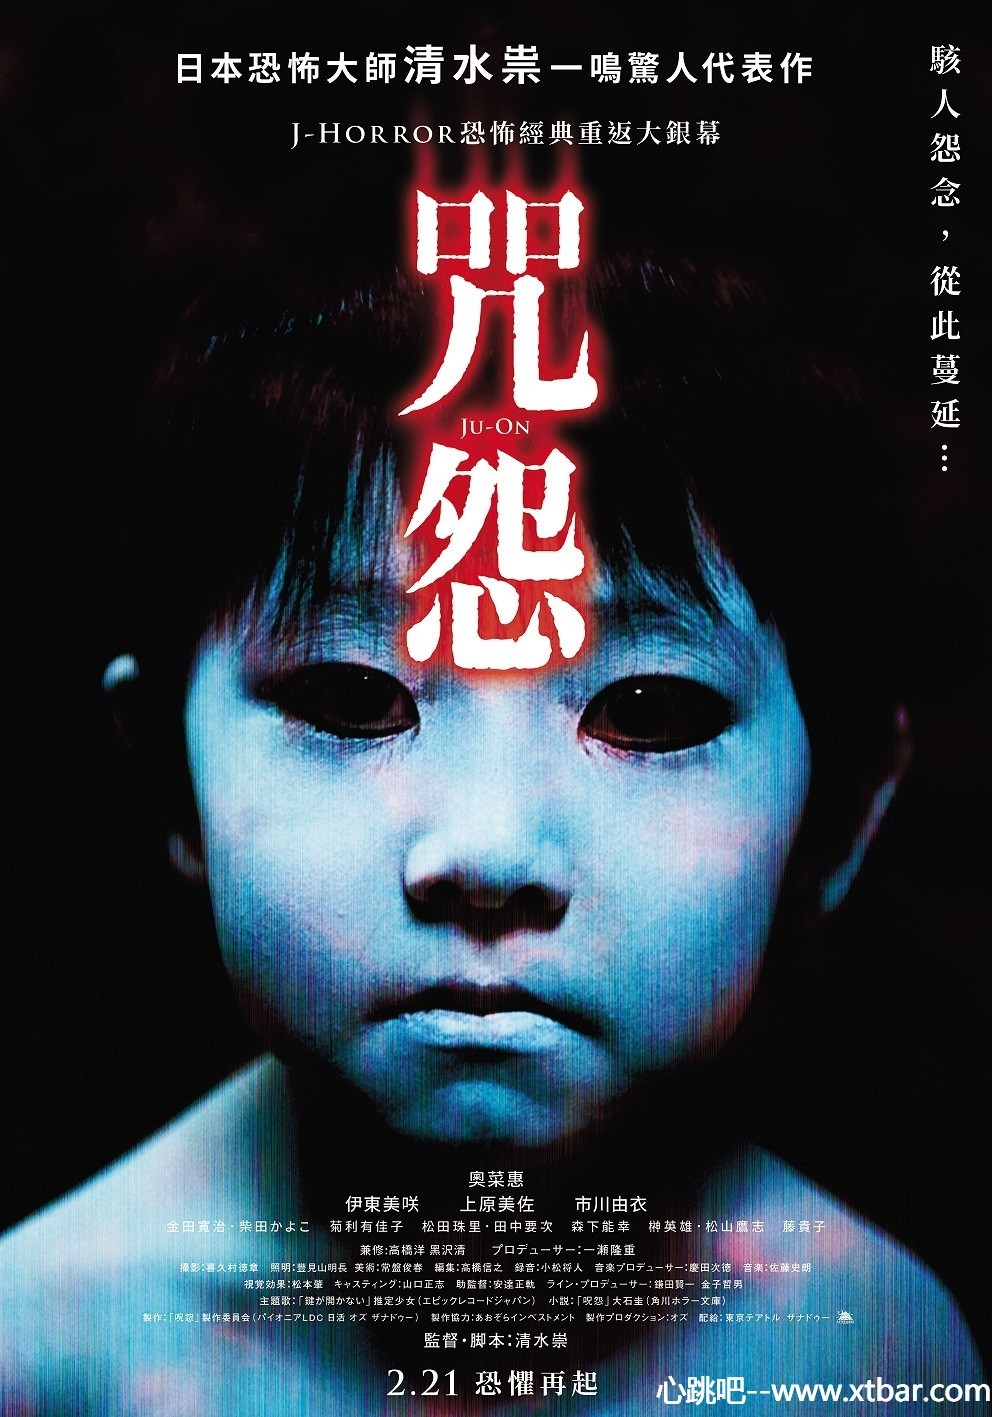 【日本】:日式恐怖经典《咒怨1》,再次重温已经少了当年的恐惧!